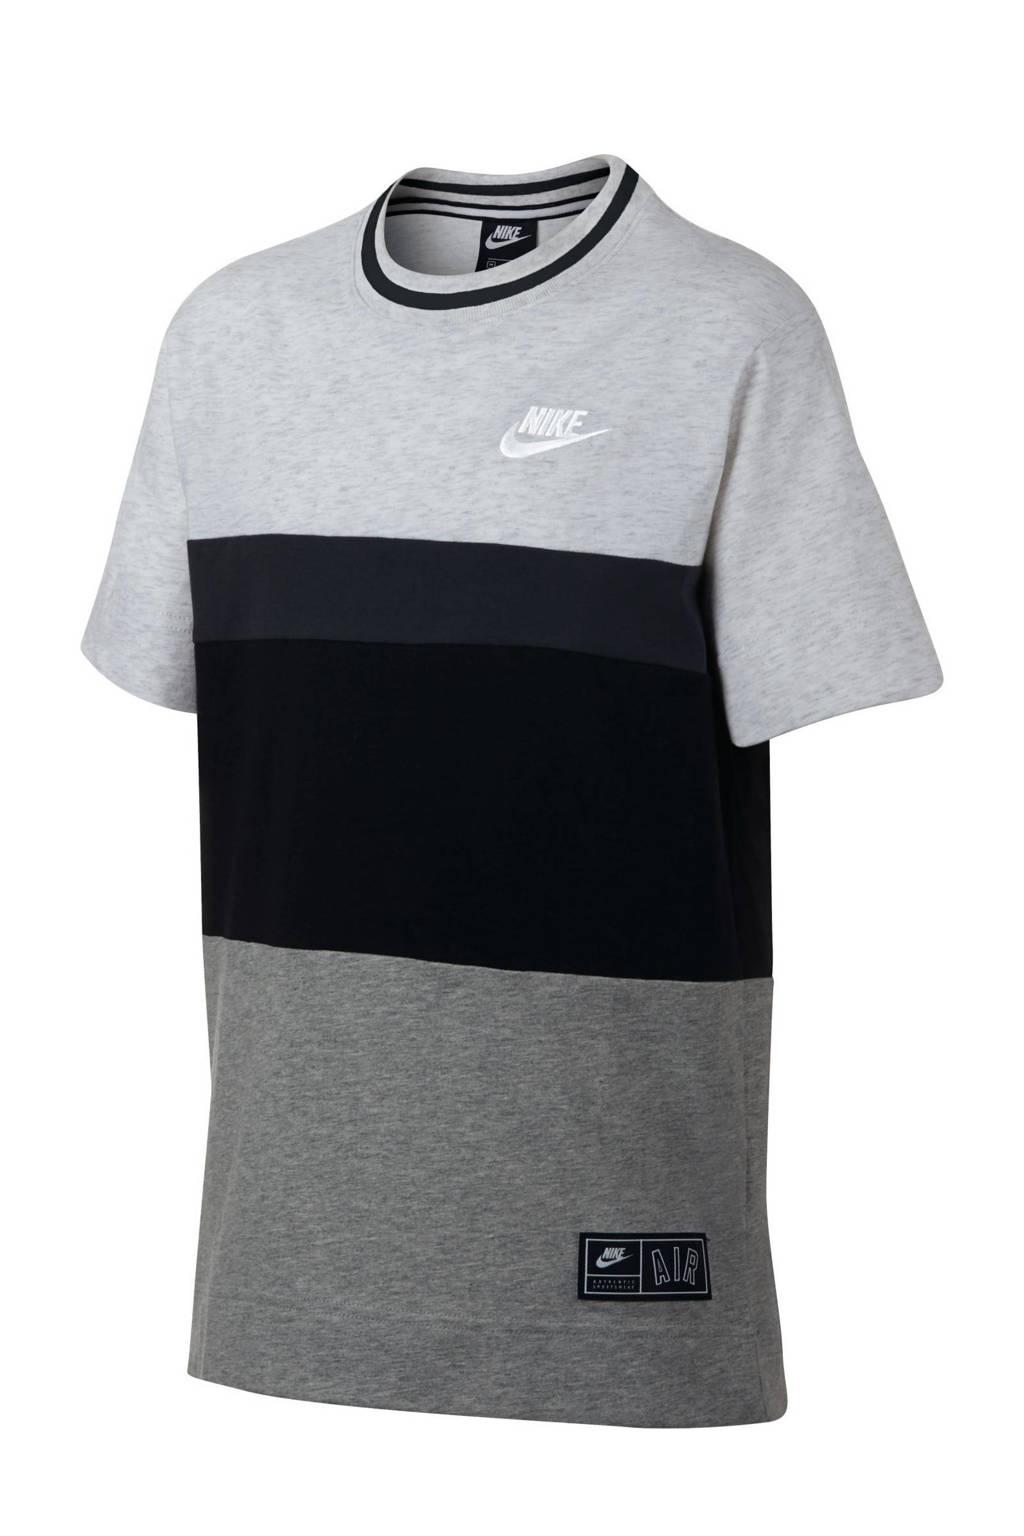 Nike   T-shirt wit/grijs/zwart, Wit/grijs/zwart